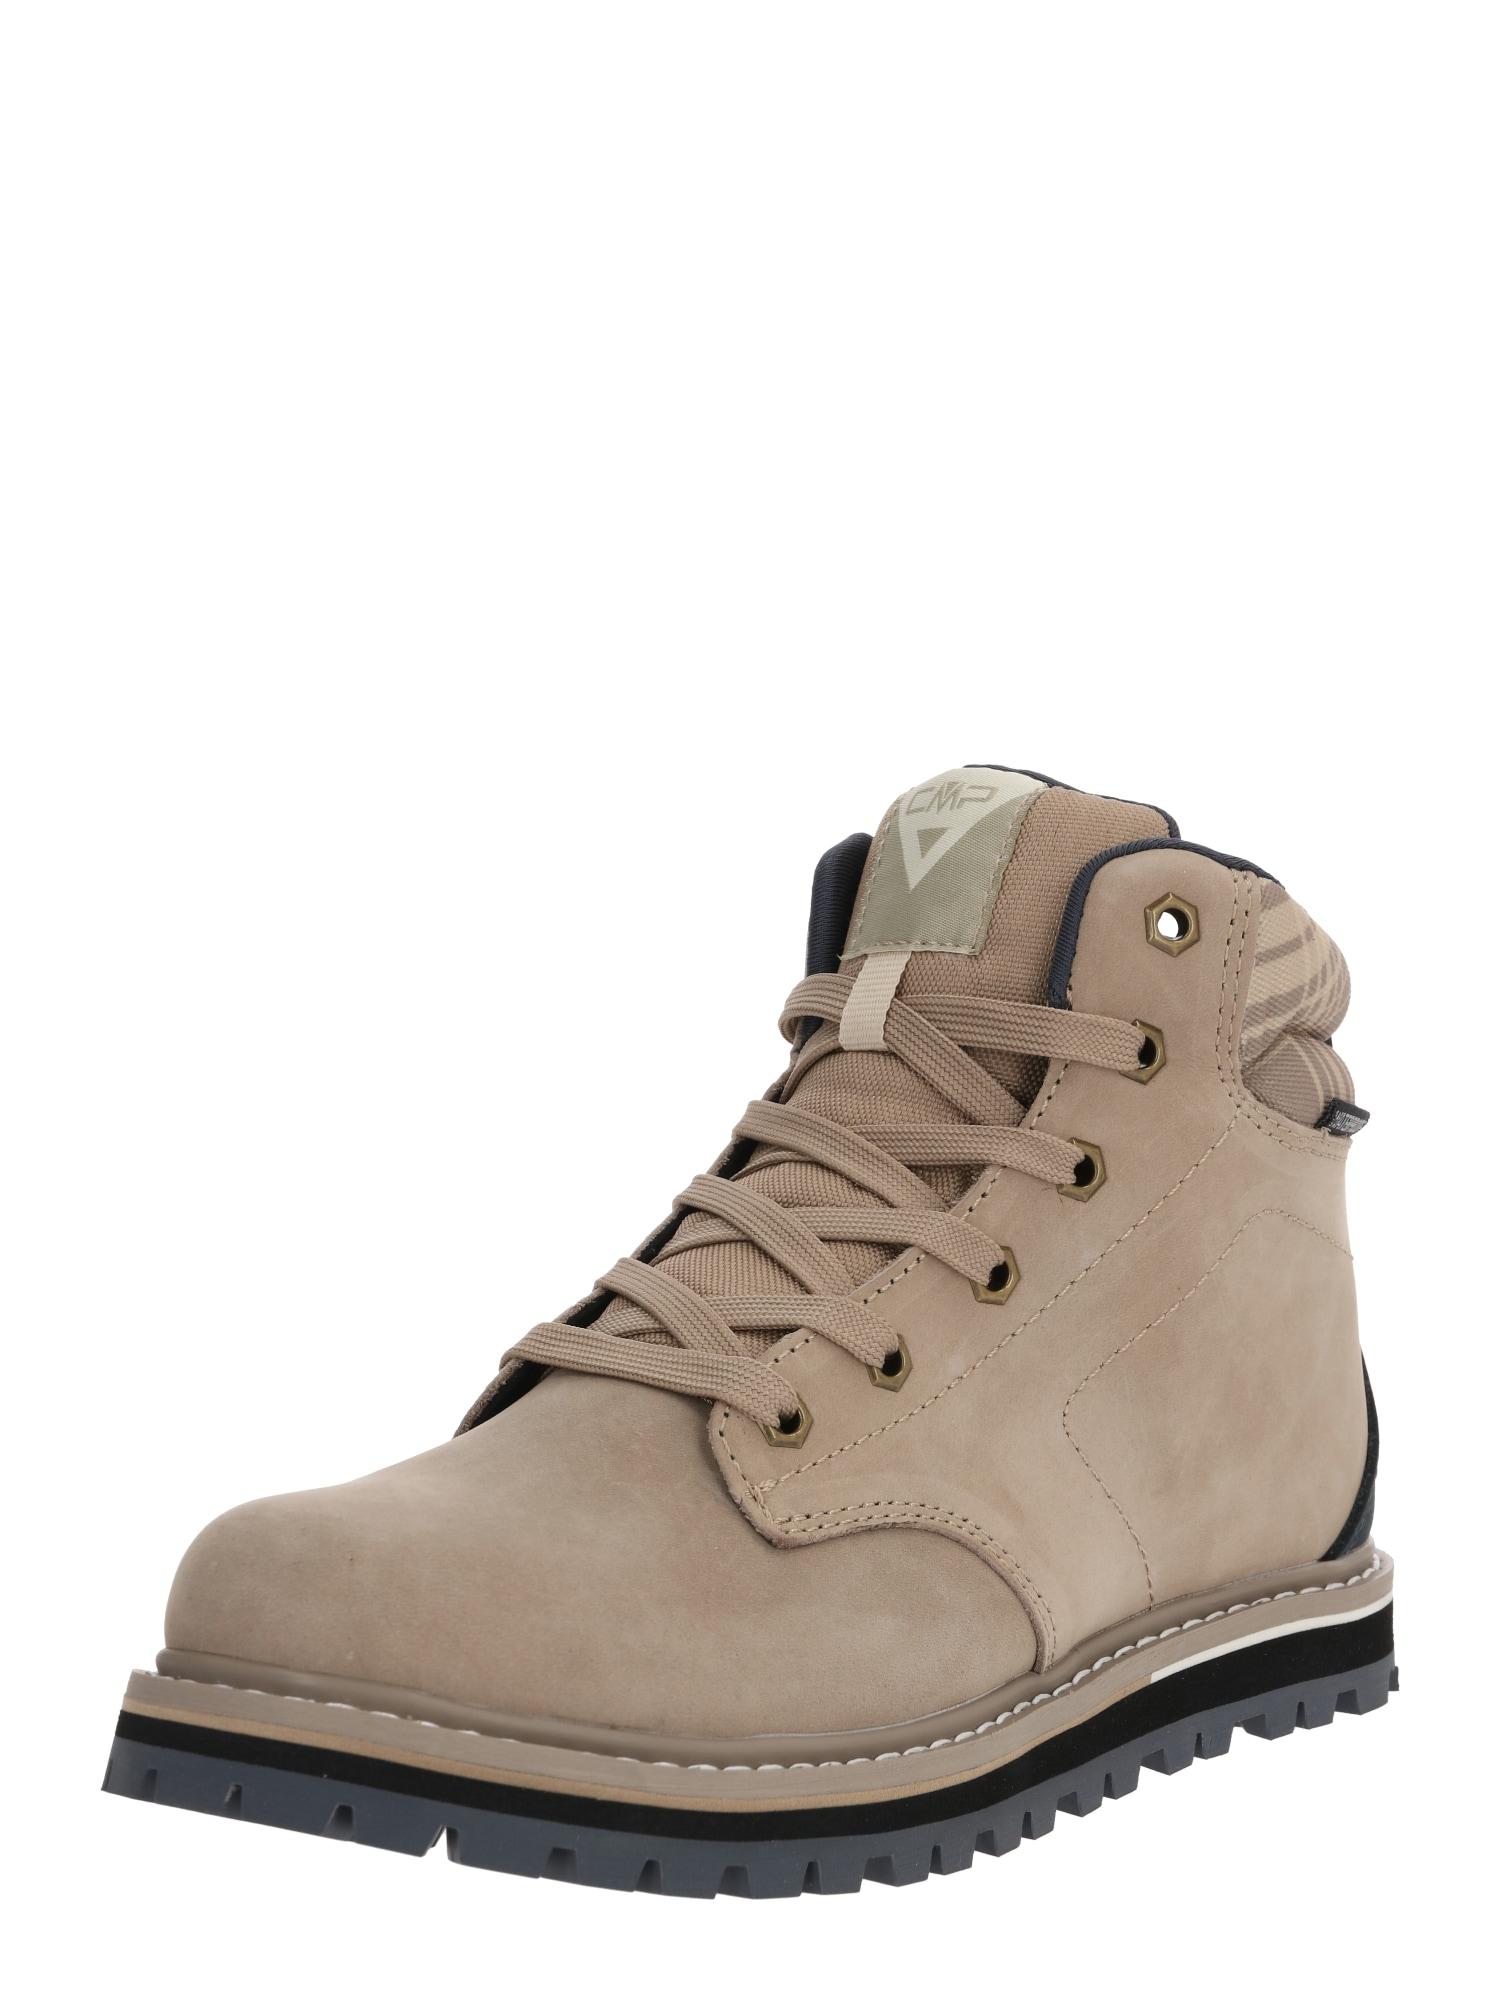 CMP Auliniai batai 'Dorado' smėlio